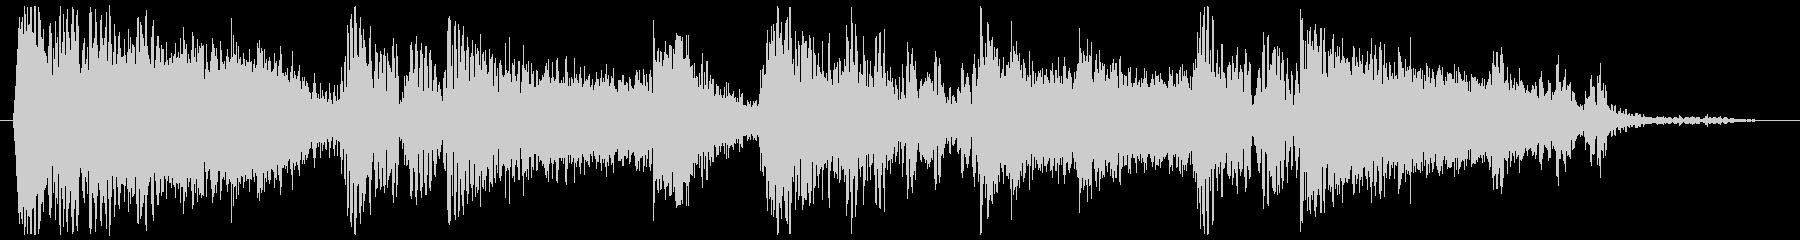 ホーンの音が響くヒップホップジングルの未再生の波形